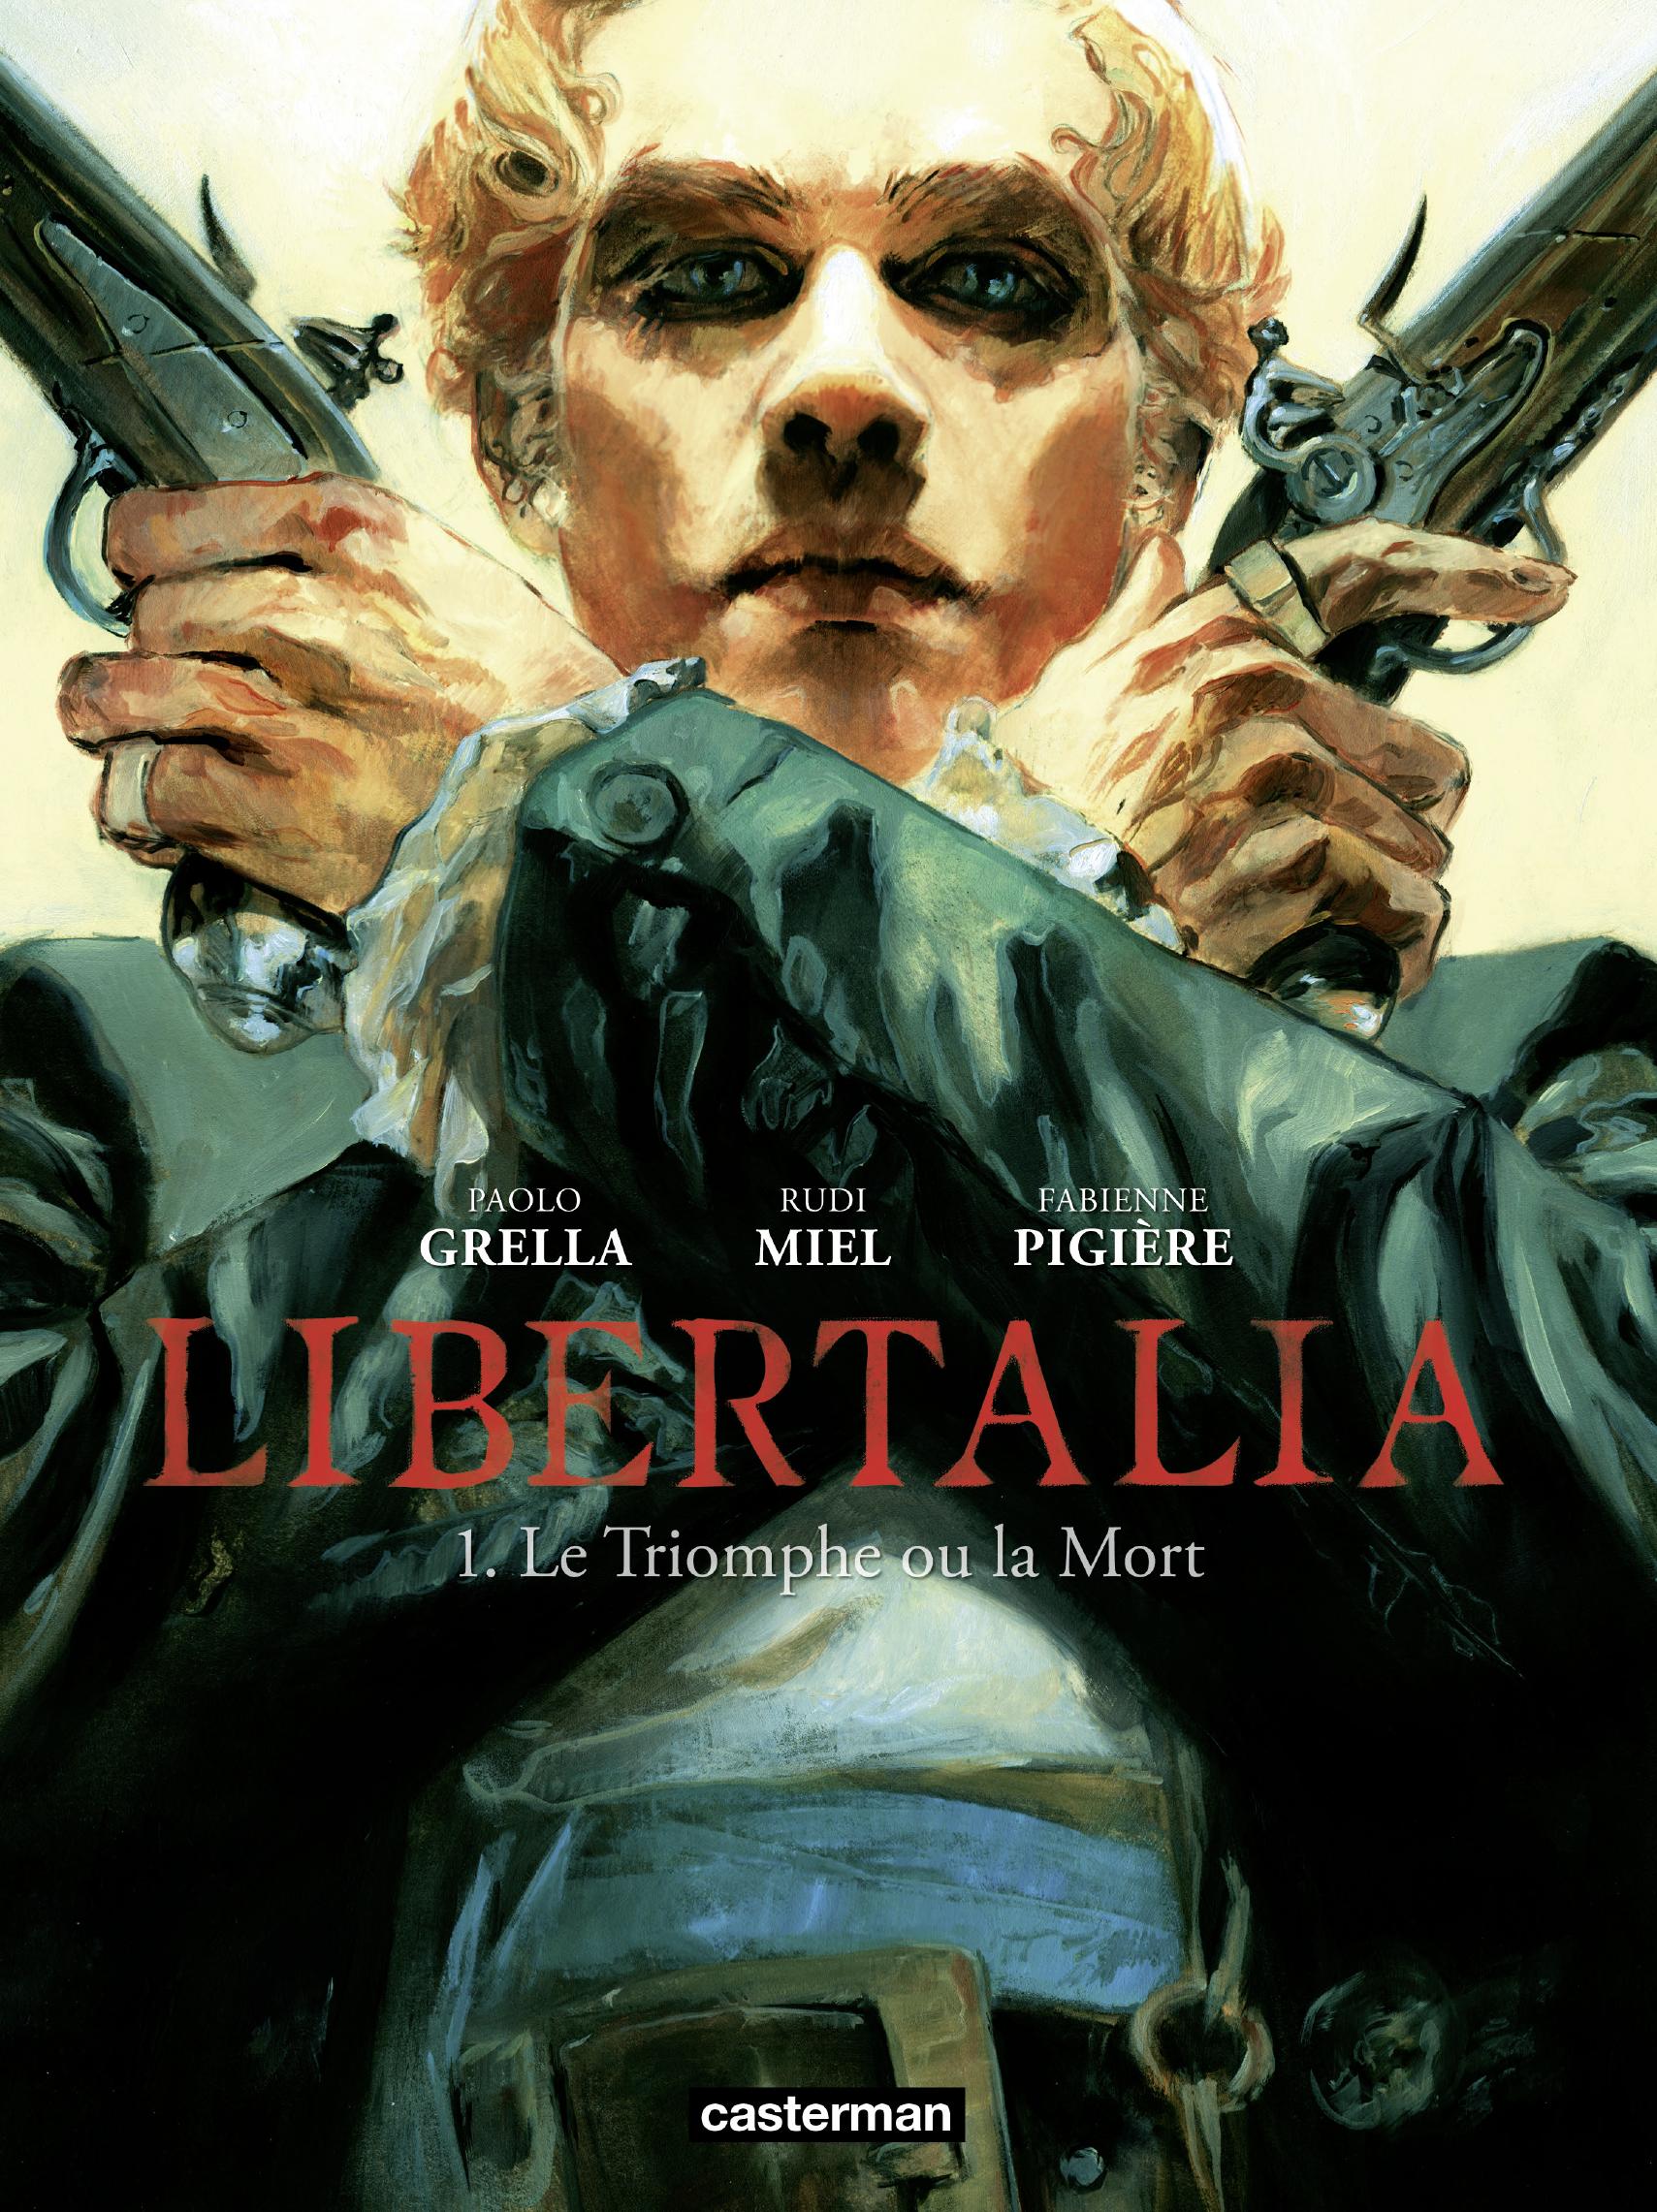 Libertalia (Tome 1)  - Le Triomphe ou la Mort | Grella, Paolo